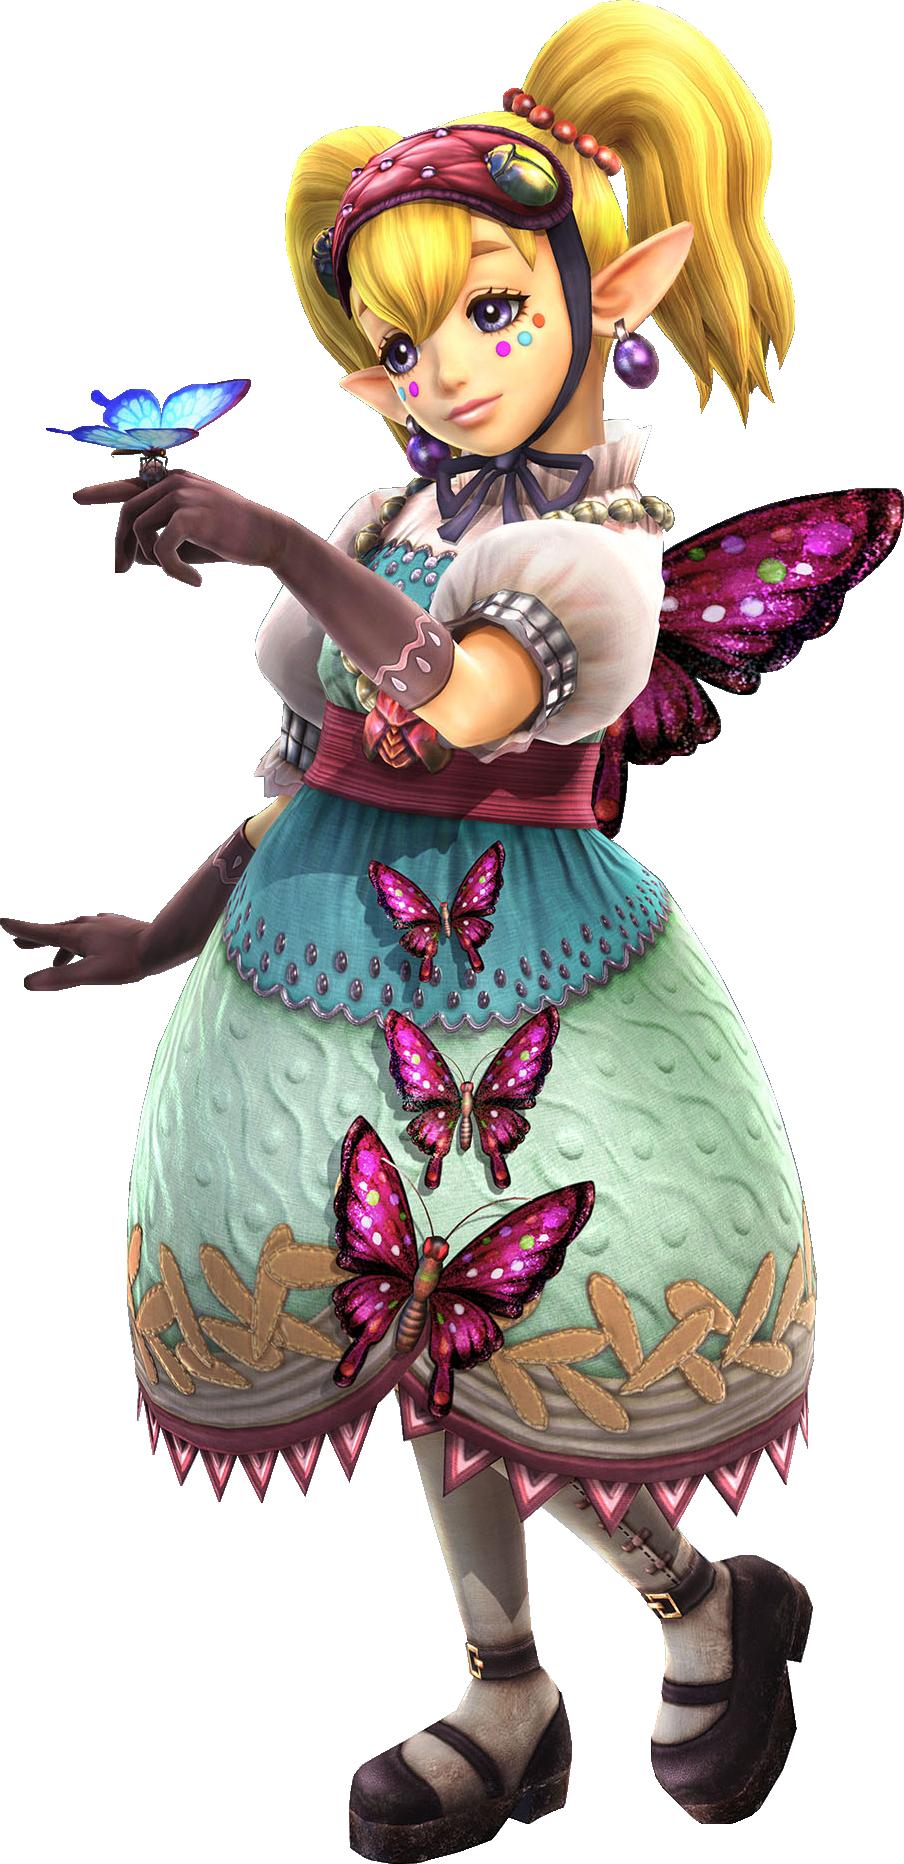 Agatha Hyrule Legend Of Zelda Midna Hyrule Warriors Legend Of